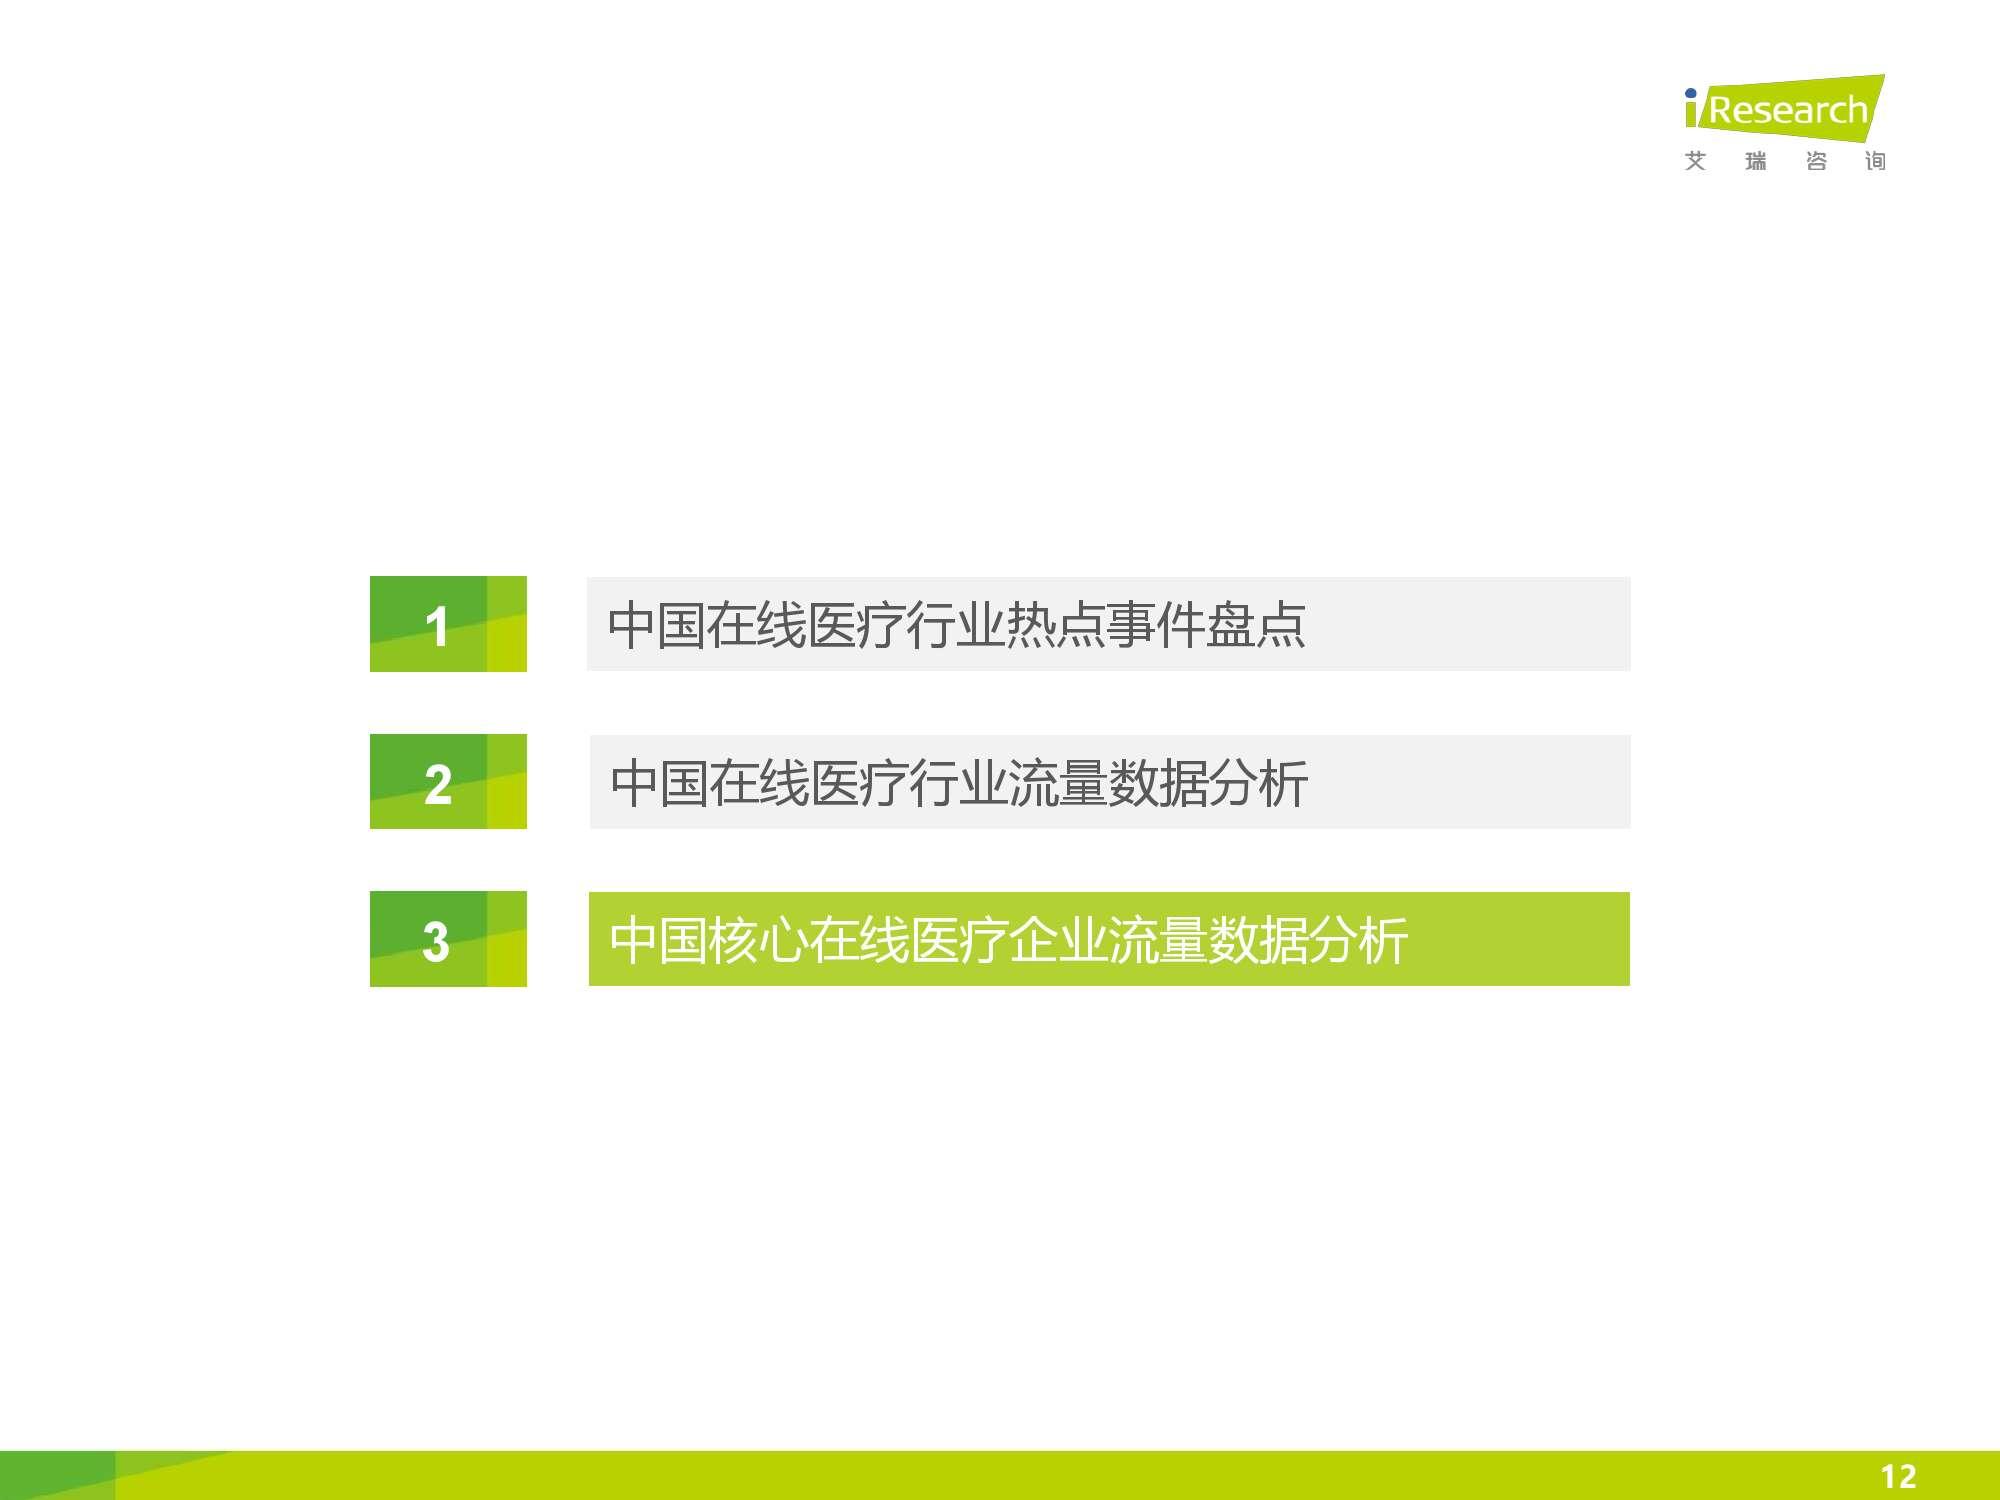 2016年中国在线医疗行业数据监测报告_000012